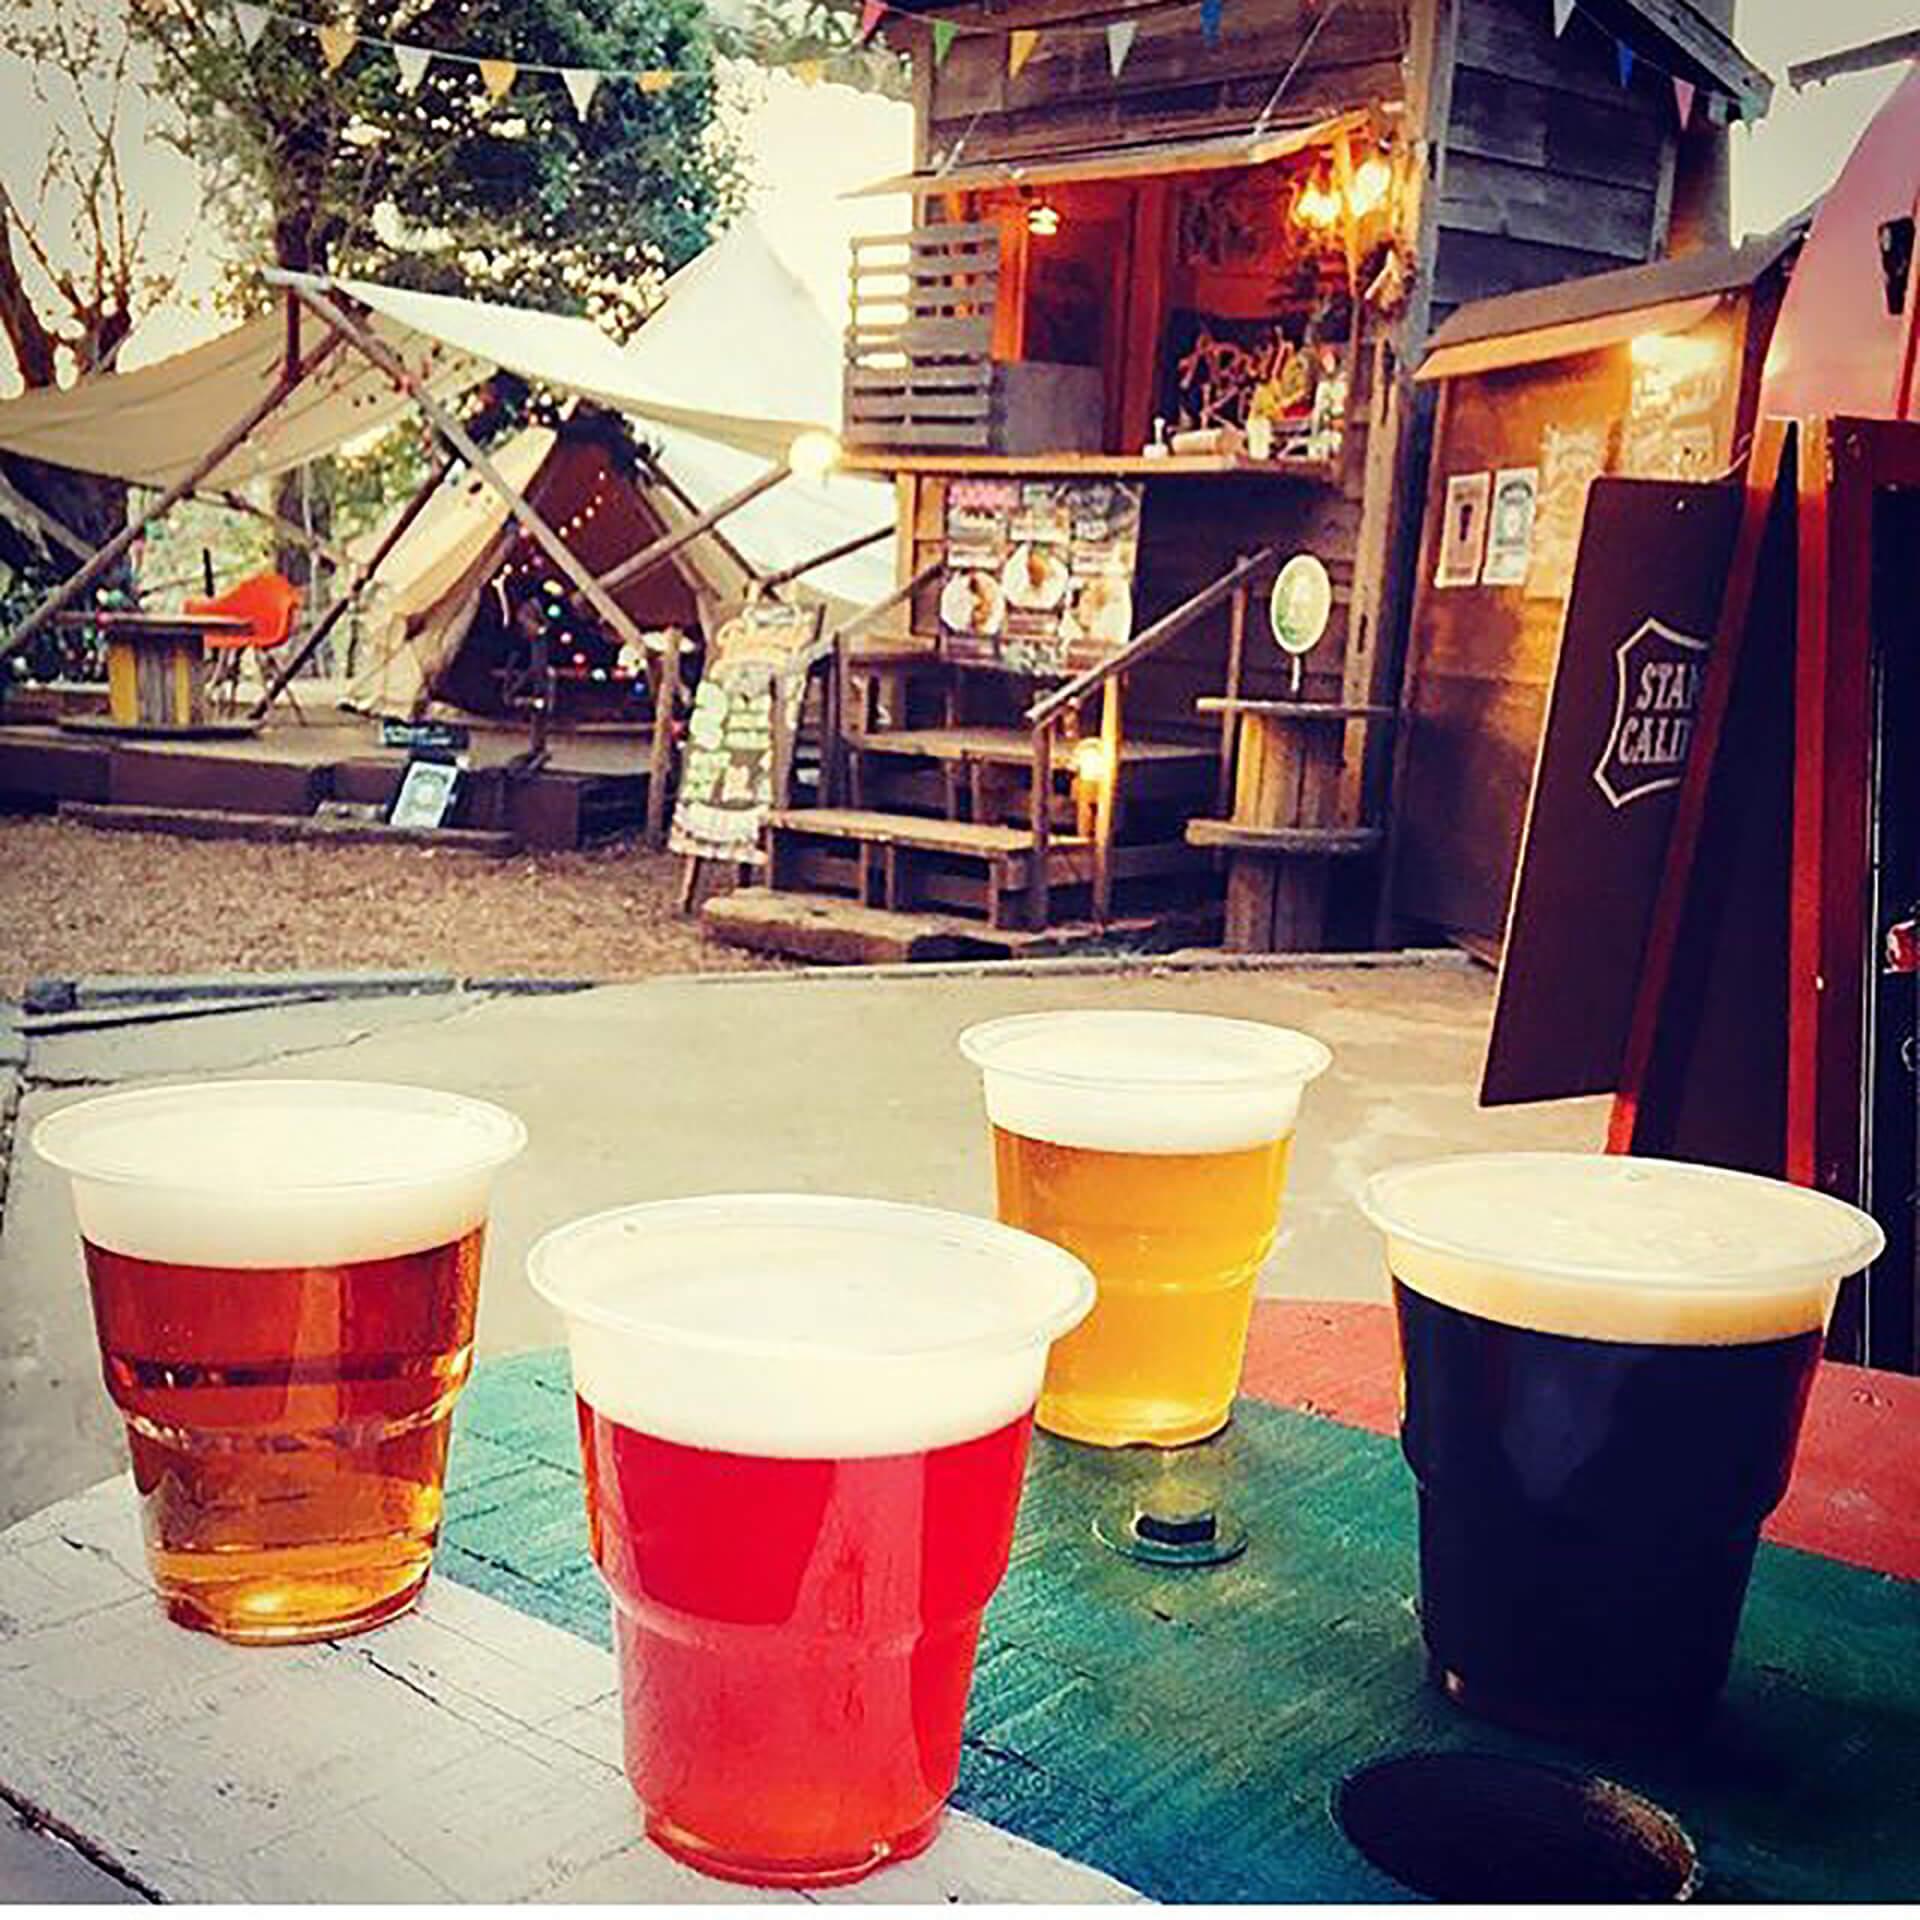 この写真はコムナdeビアガーデンで販売されるビールの雰囲気写真。会場をからめて4つのビールを撮影しています